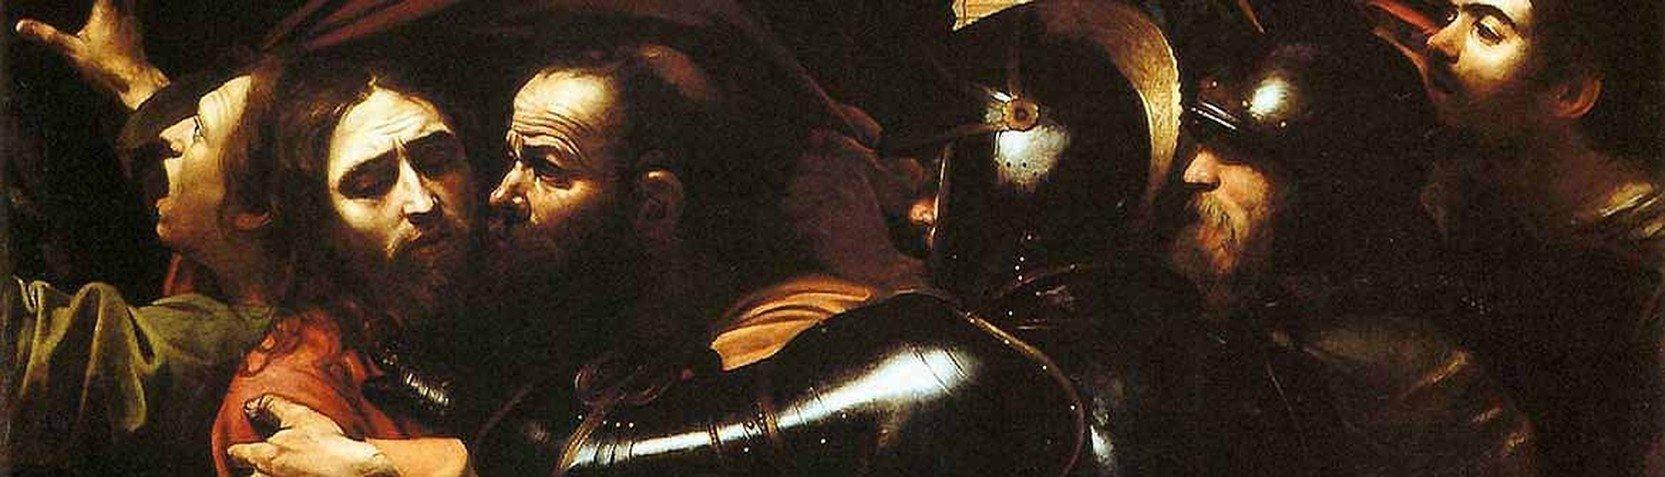 Artisti - Michelangelo Caravaggio